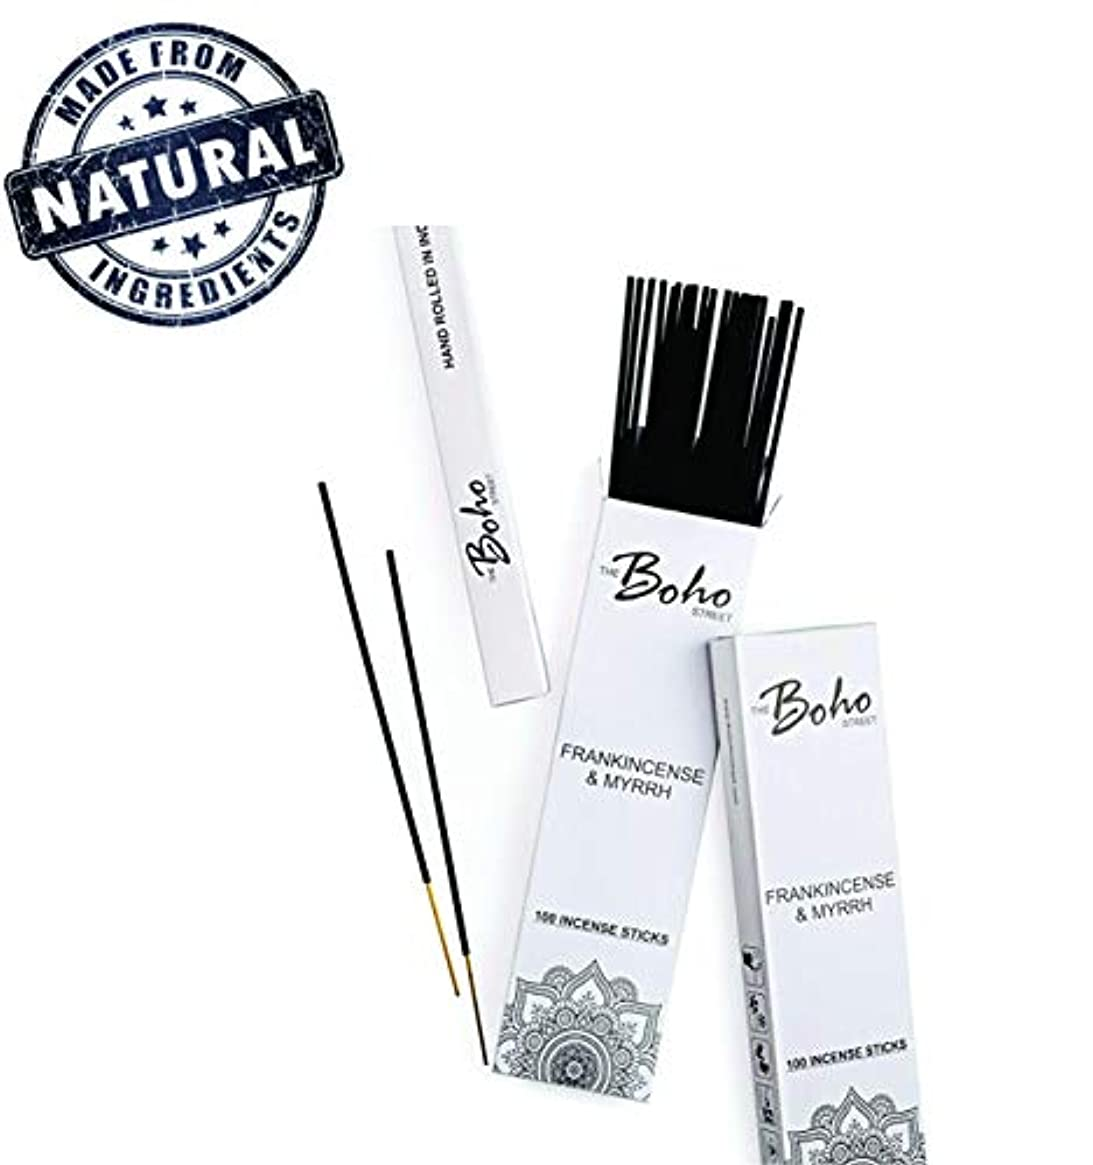 水毎日病者(100) - The Boho Street Premium Incense Sticks - Frankincense and Myrrh 100% Hand Rolled Hand Dipped in India...